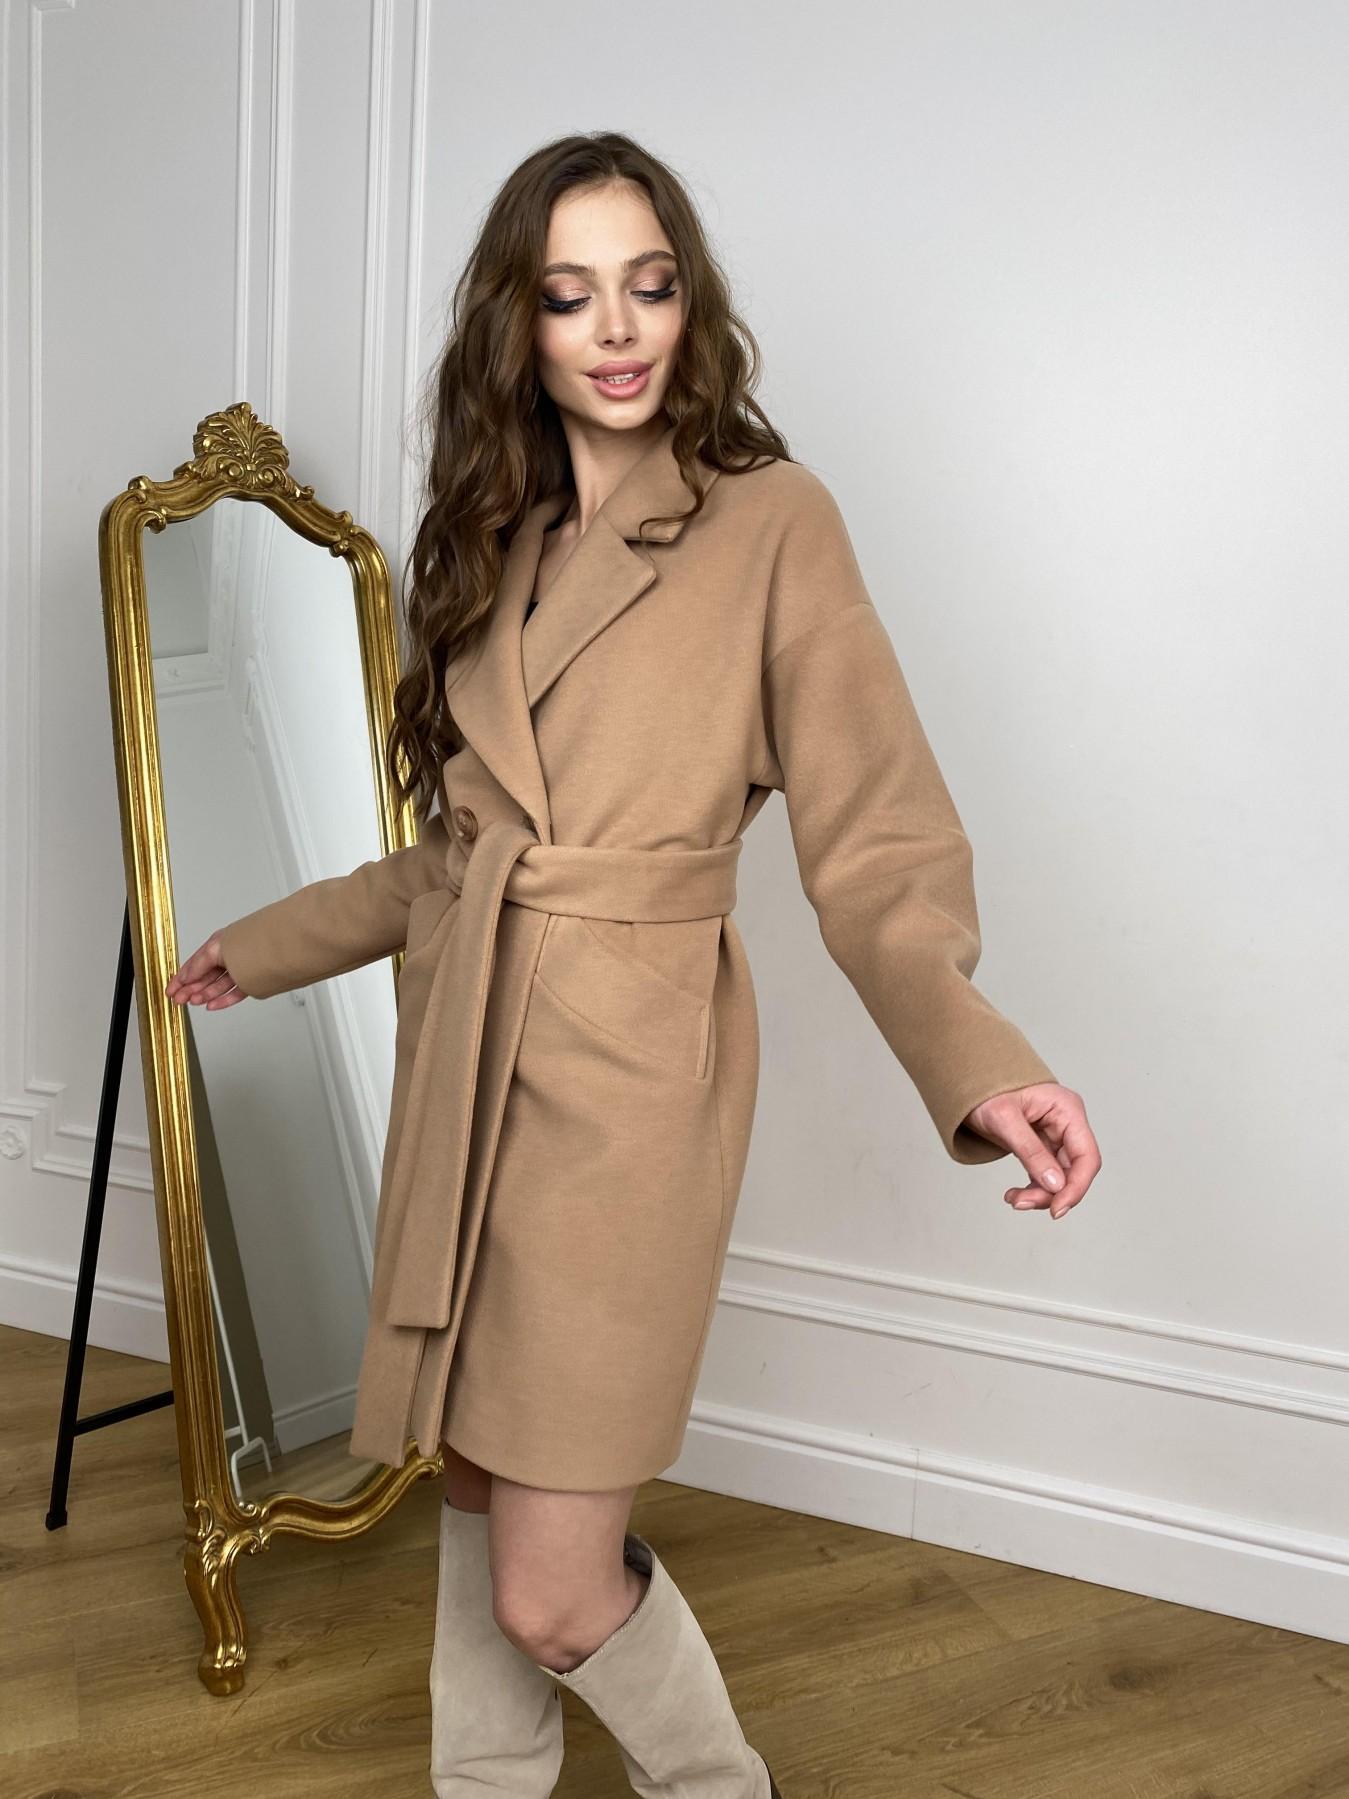 Сенсей пальто из кашемира 10572 АРТ. 46929 Цвет: Кемел - фото 6, интернет магазин tm-modus.ru